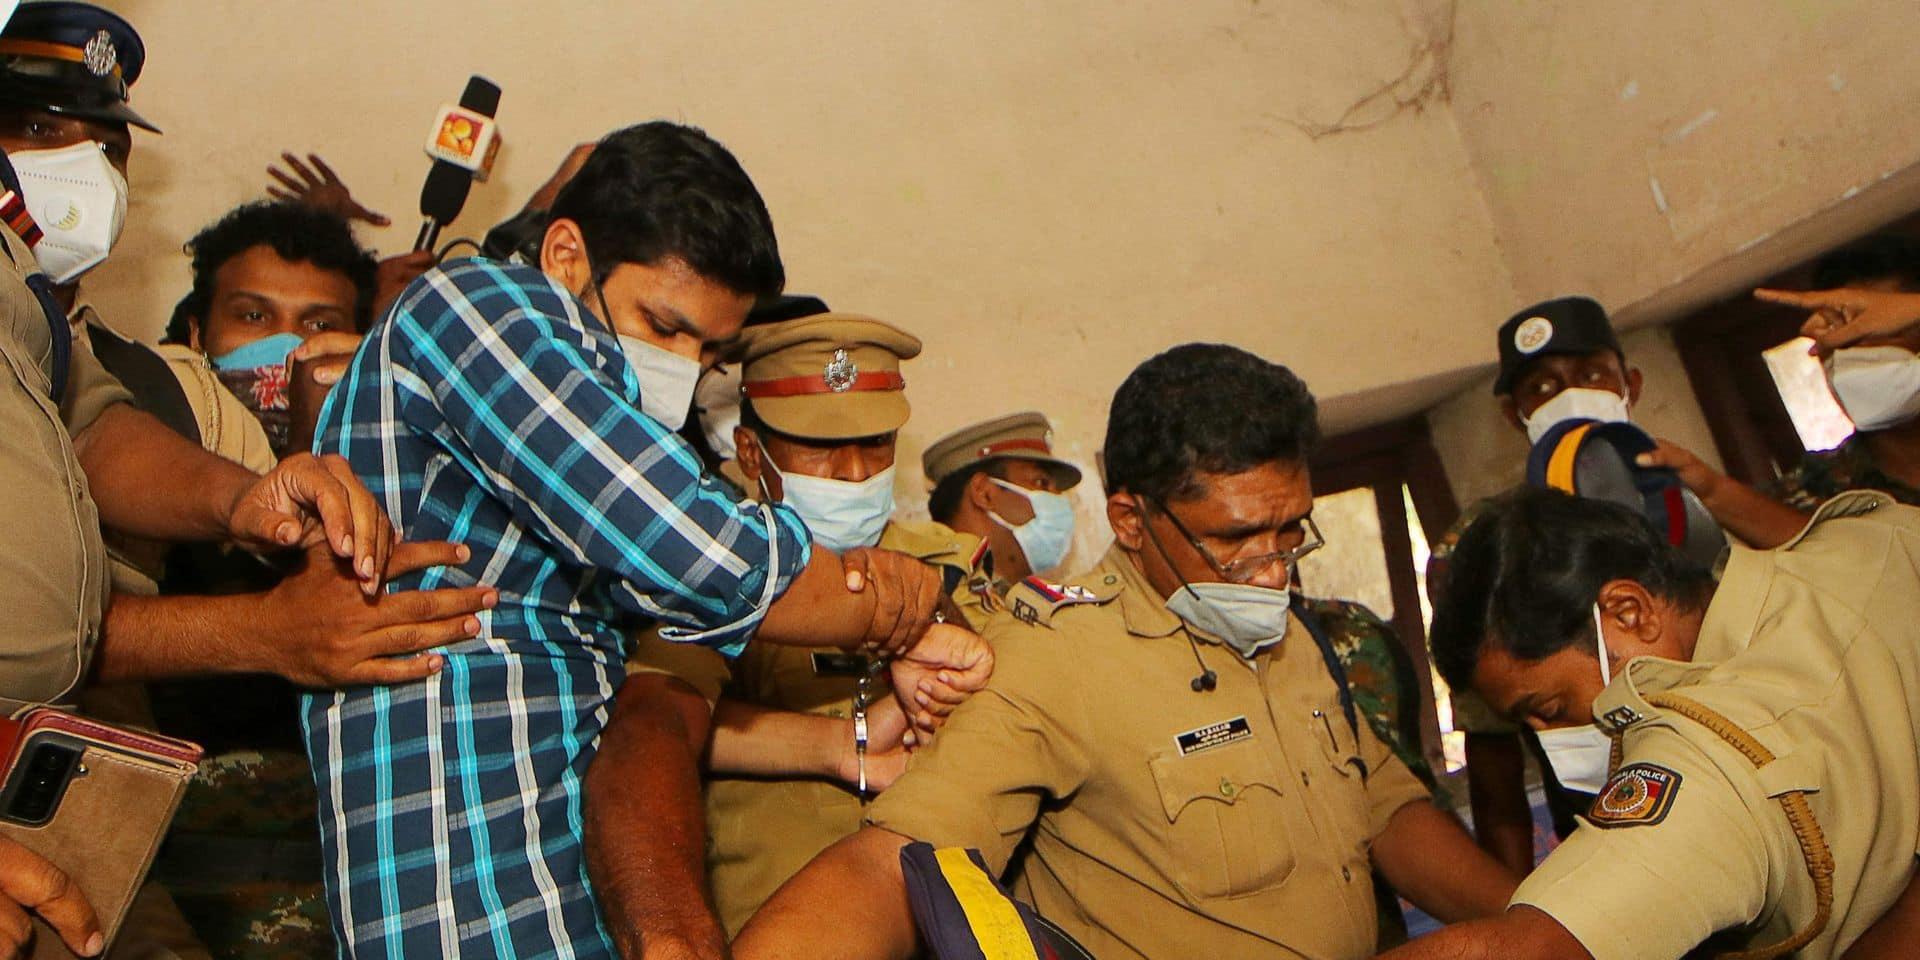 Inde: un homme condamné pour avoir tué sa femme à l'aide d'un cobra